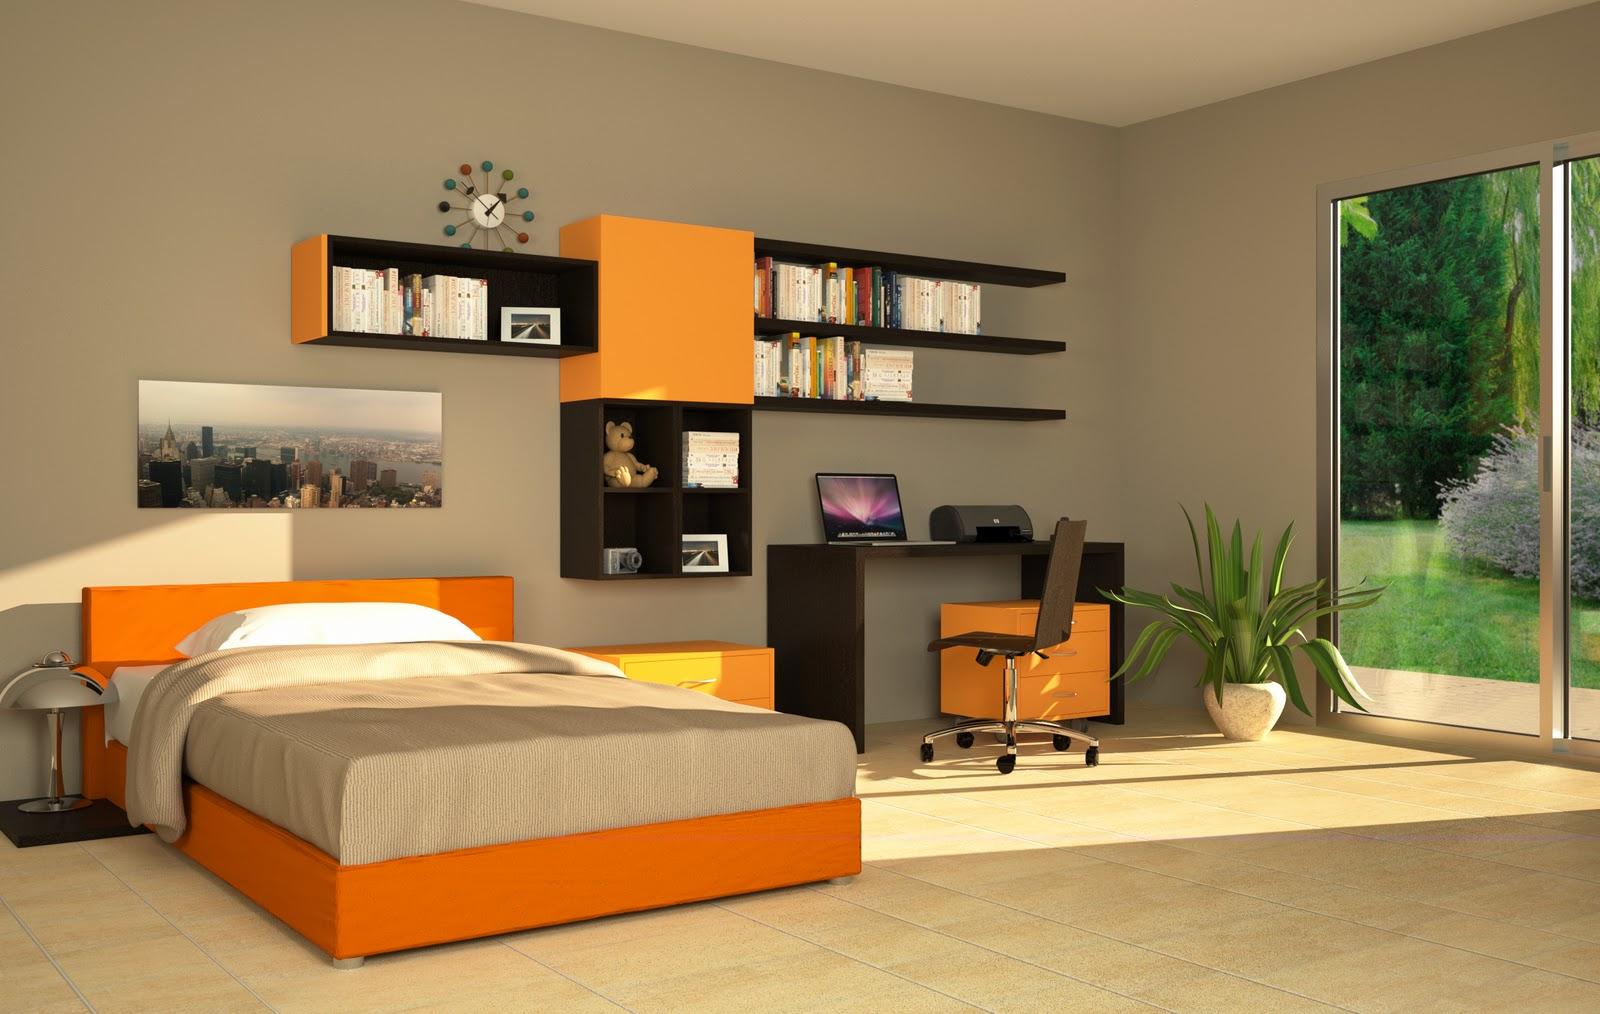 Prezzi libreria cartongesso for Prezzi camere da letto moderne